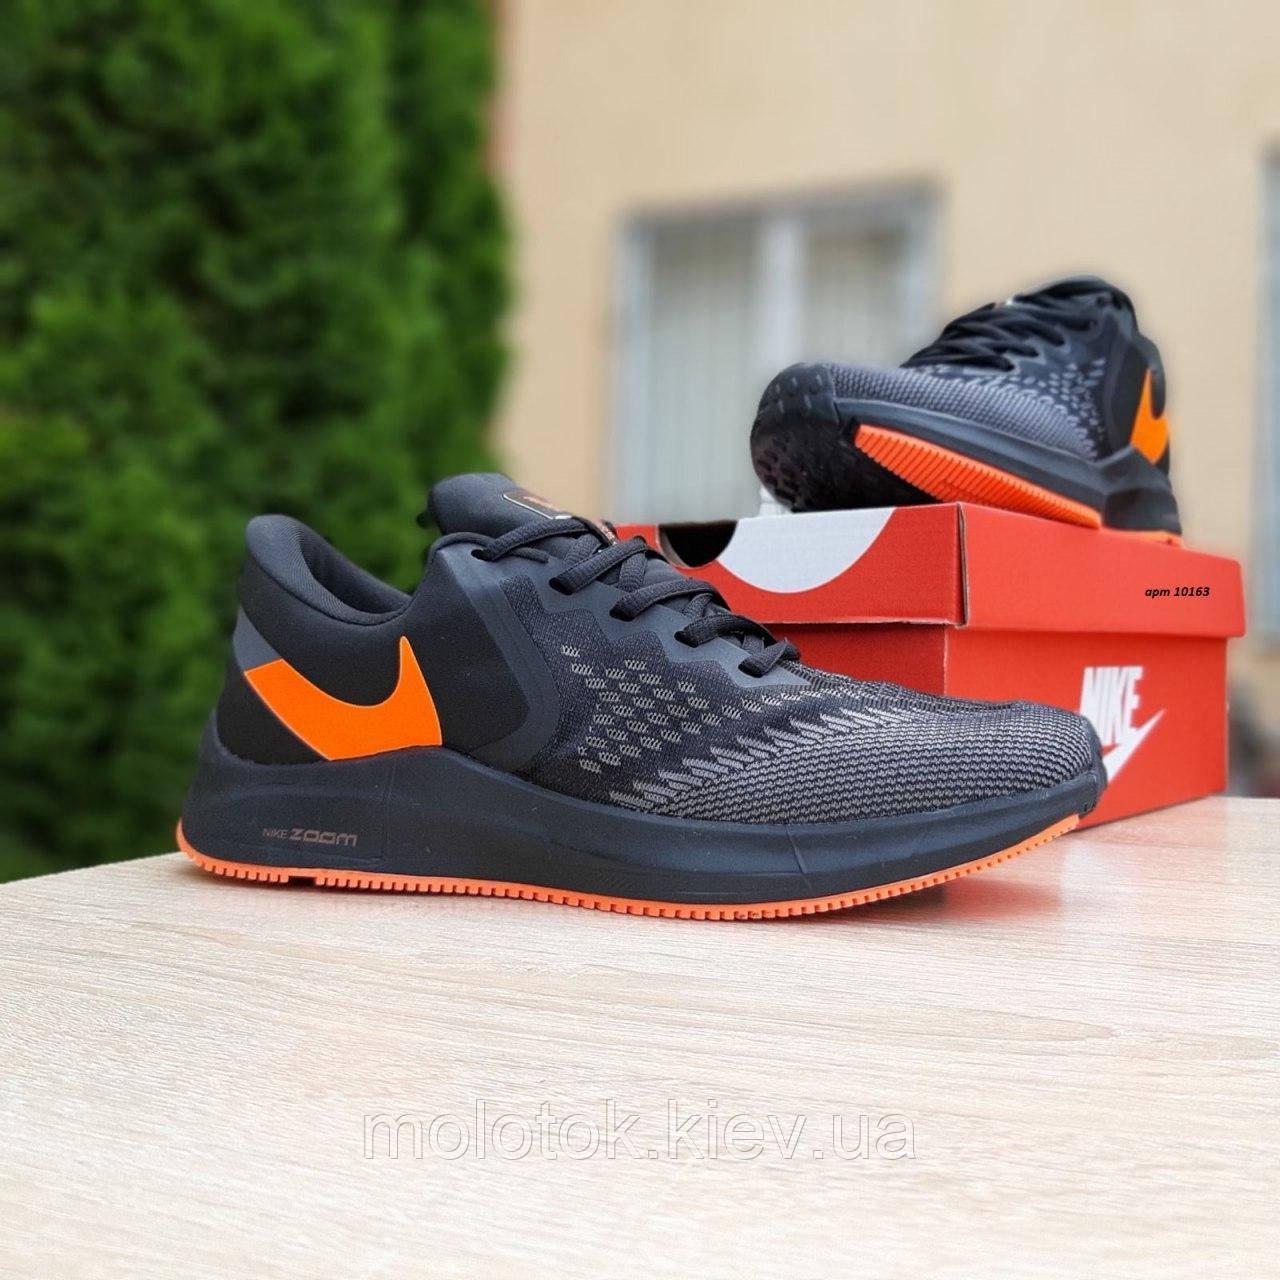 Мужские кроссовки в стиле Nike Zoom WINFLC 6 чёрные с оранжевым